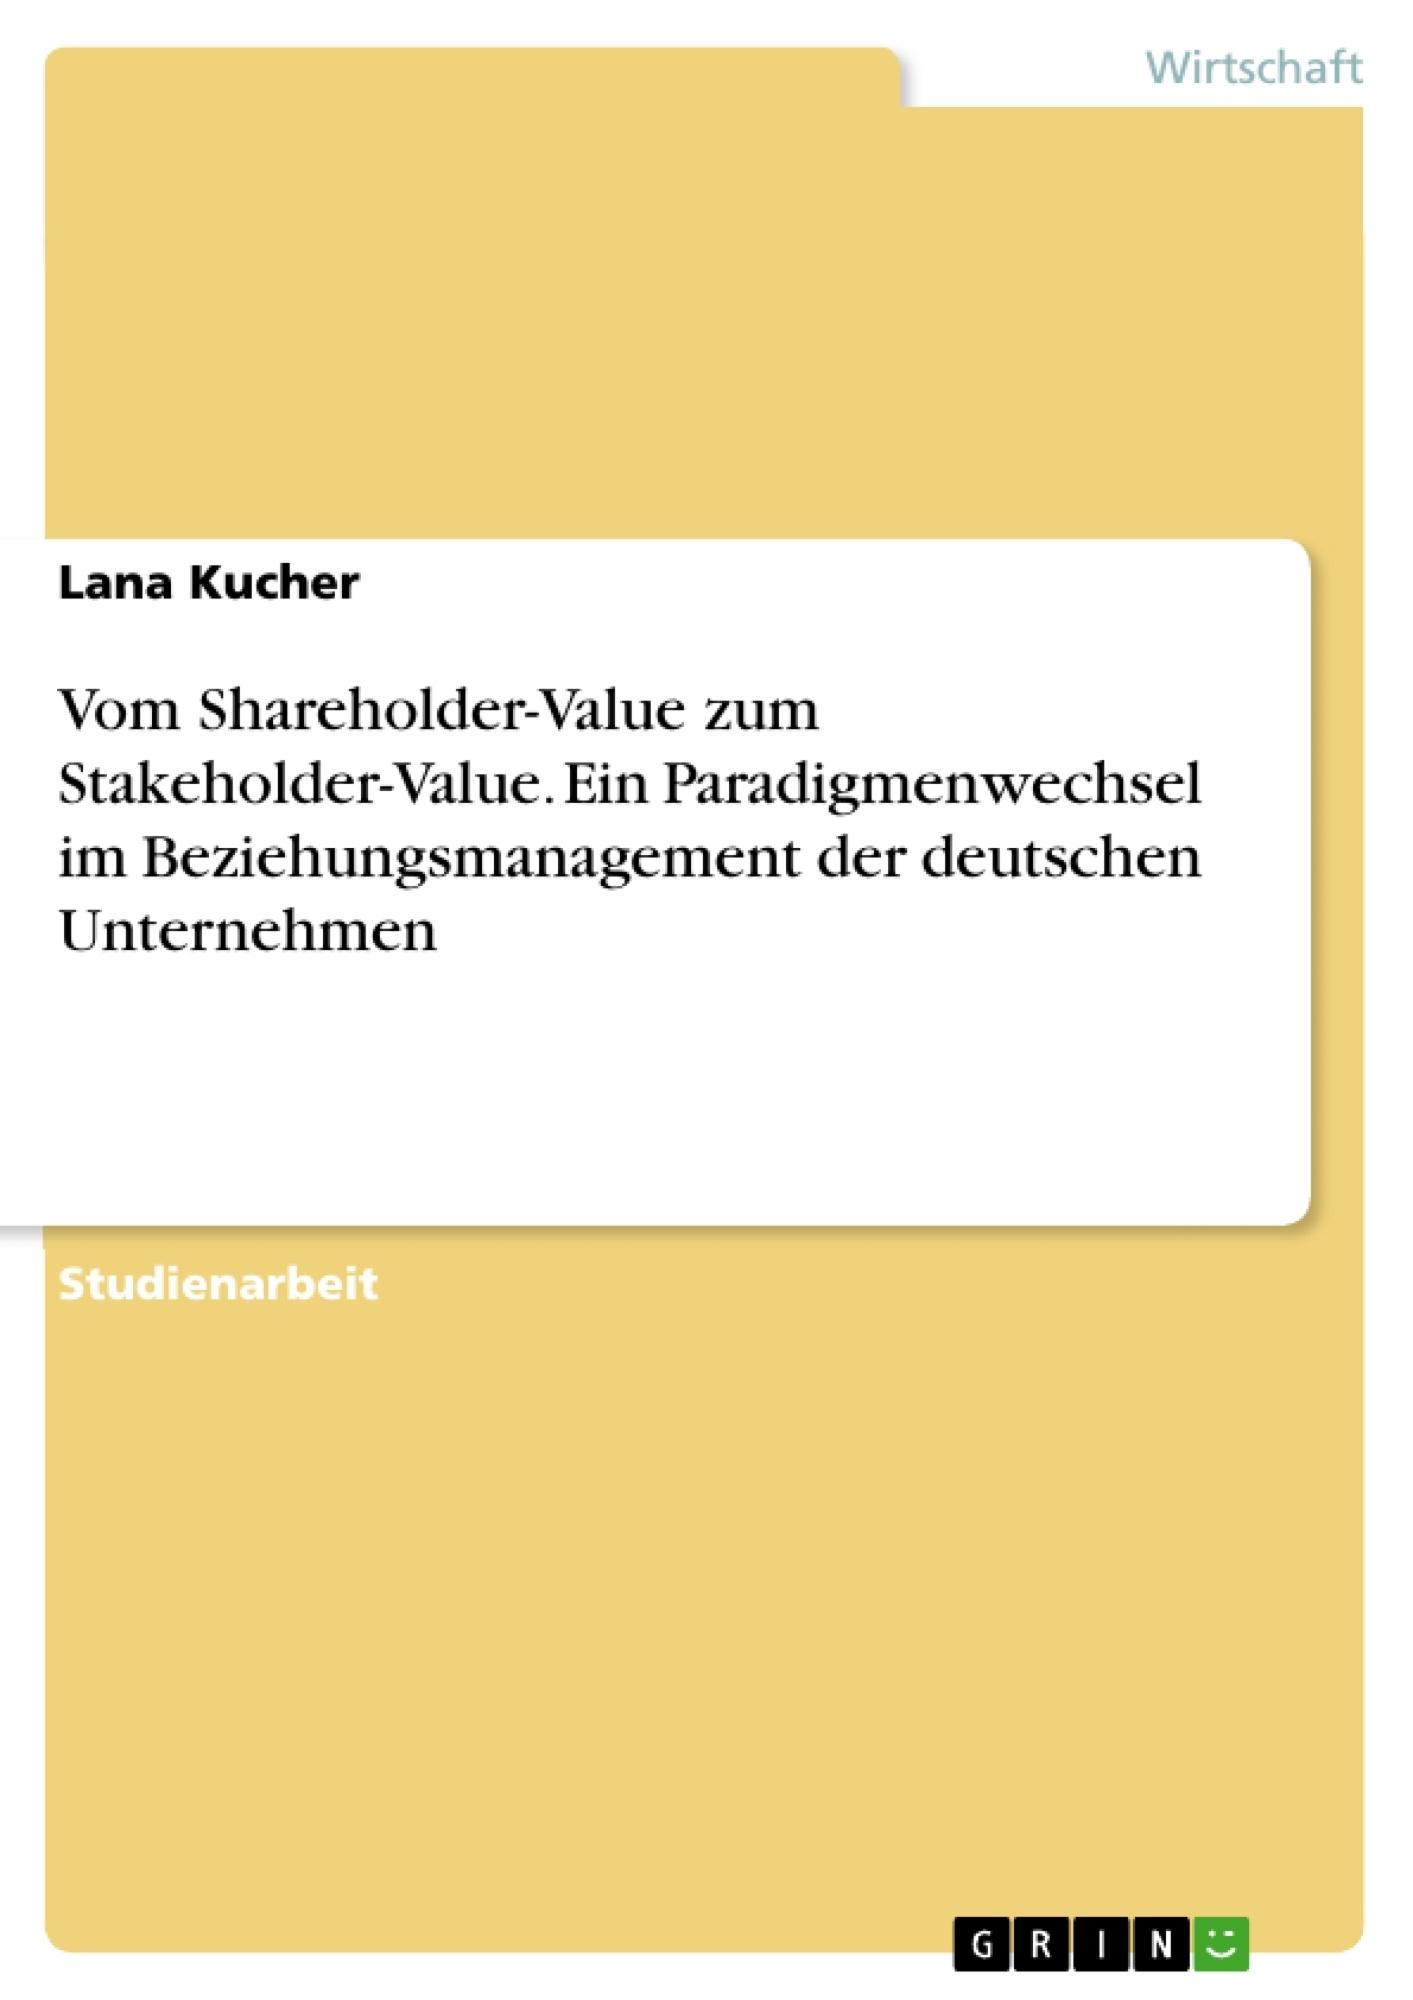 Titel: Vom Shareholder-Value zum Stakeholder-Value. Ein Paradigmenwechsel im Beziehungsmanagement der deutschen Unternehmen